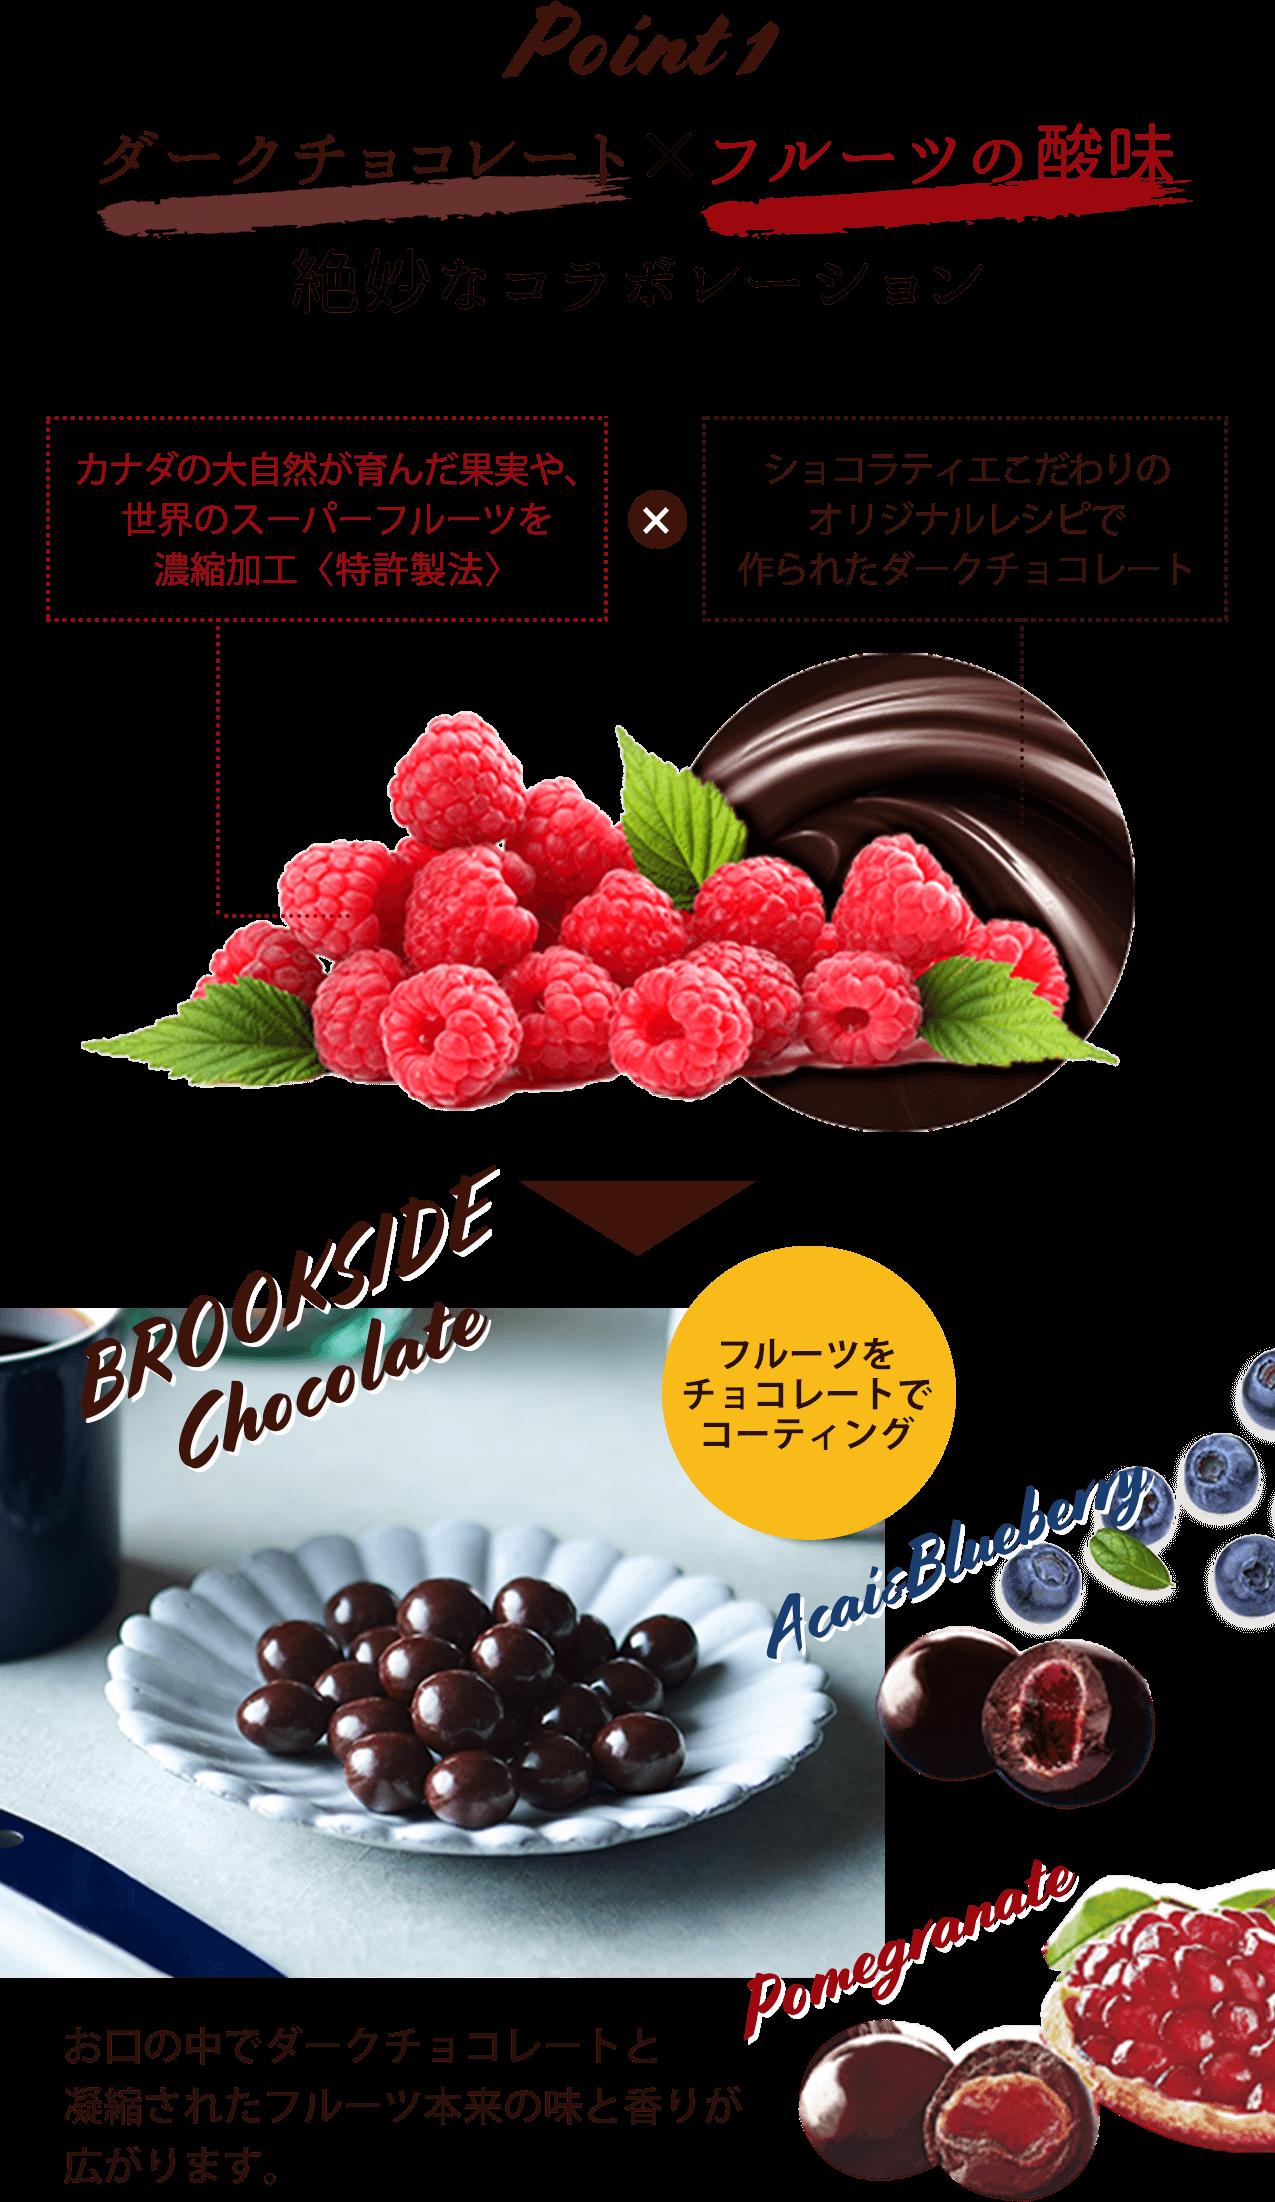 Point_1 ダークチョコレート×フルーツの酸味 絶妙なコラボレーション